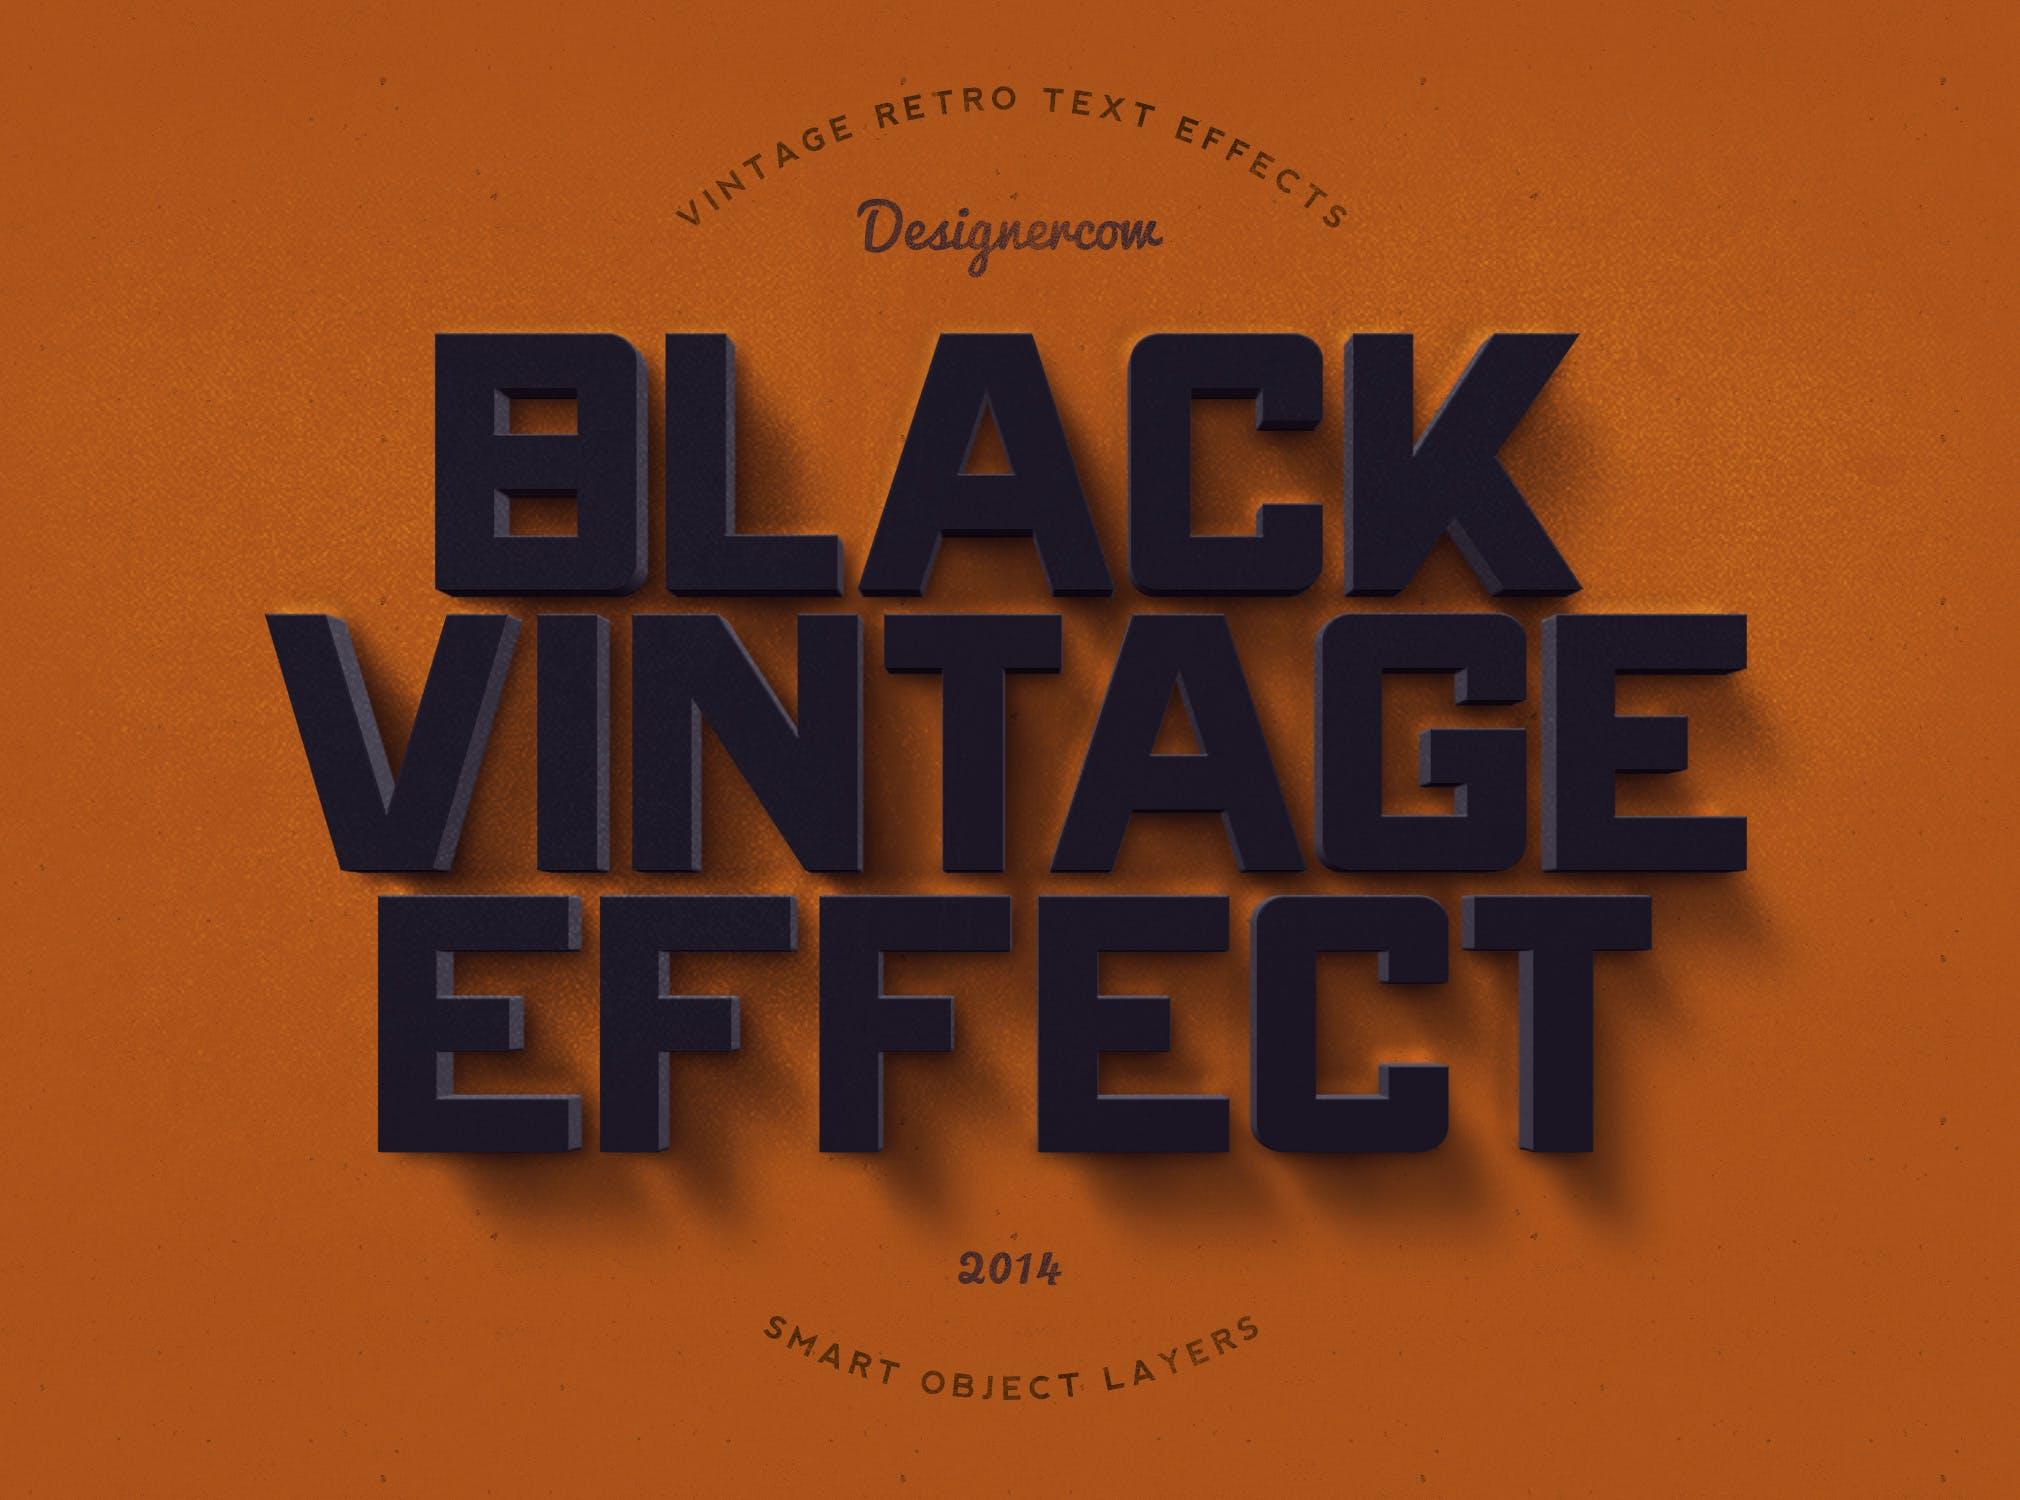 14款老式复古3D立体效果徽标标题字体设计PS样式模板 14 Vintage Retro Text Effects插图(4)